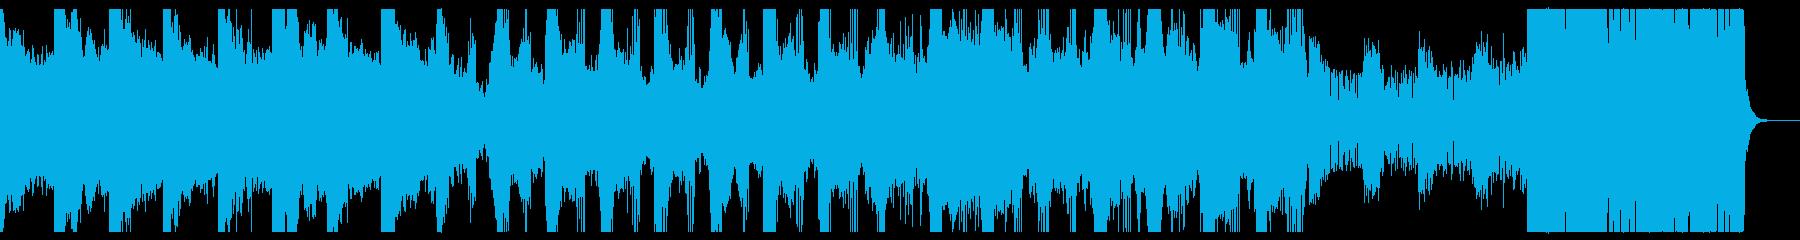 抽象画家の閃き。エレクトロニカ。の再生済みの波形